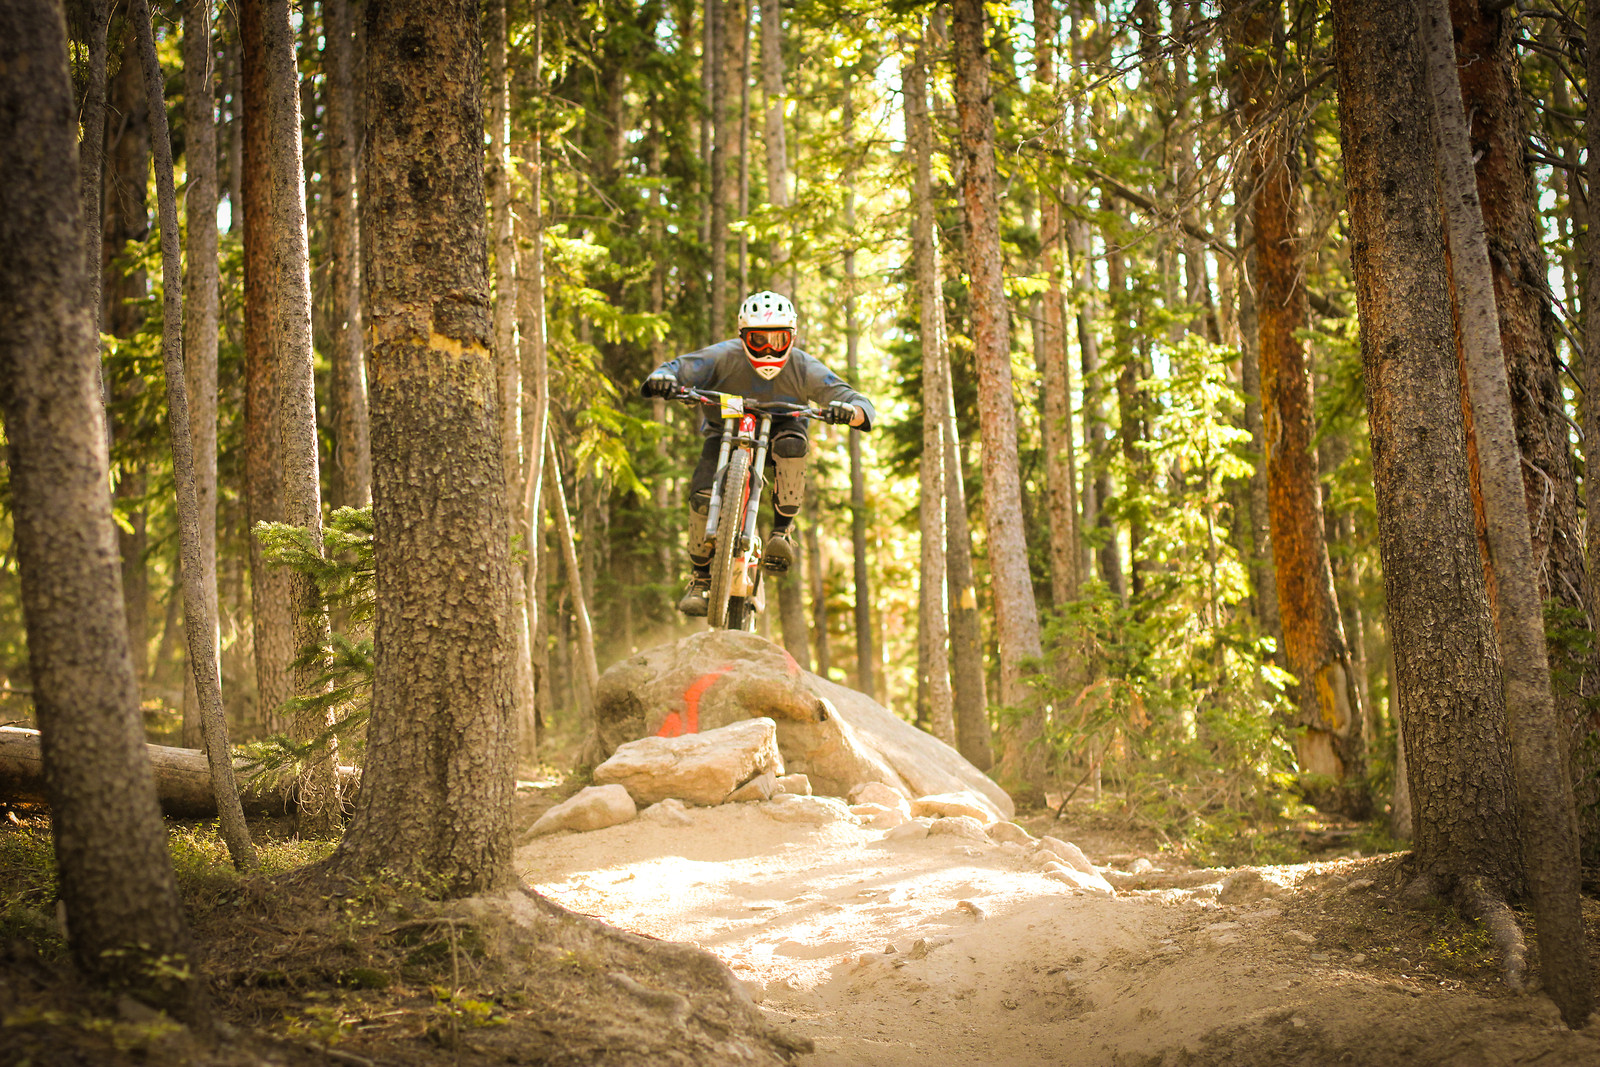 Roscoe - dacrebrochill17 - Mountain Biking Pictures - Vital MTB